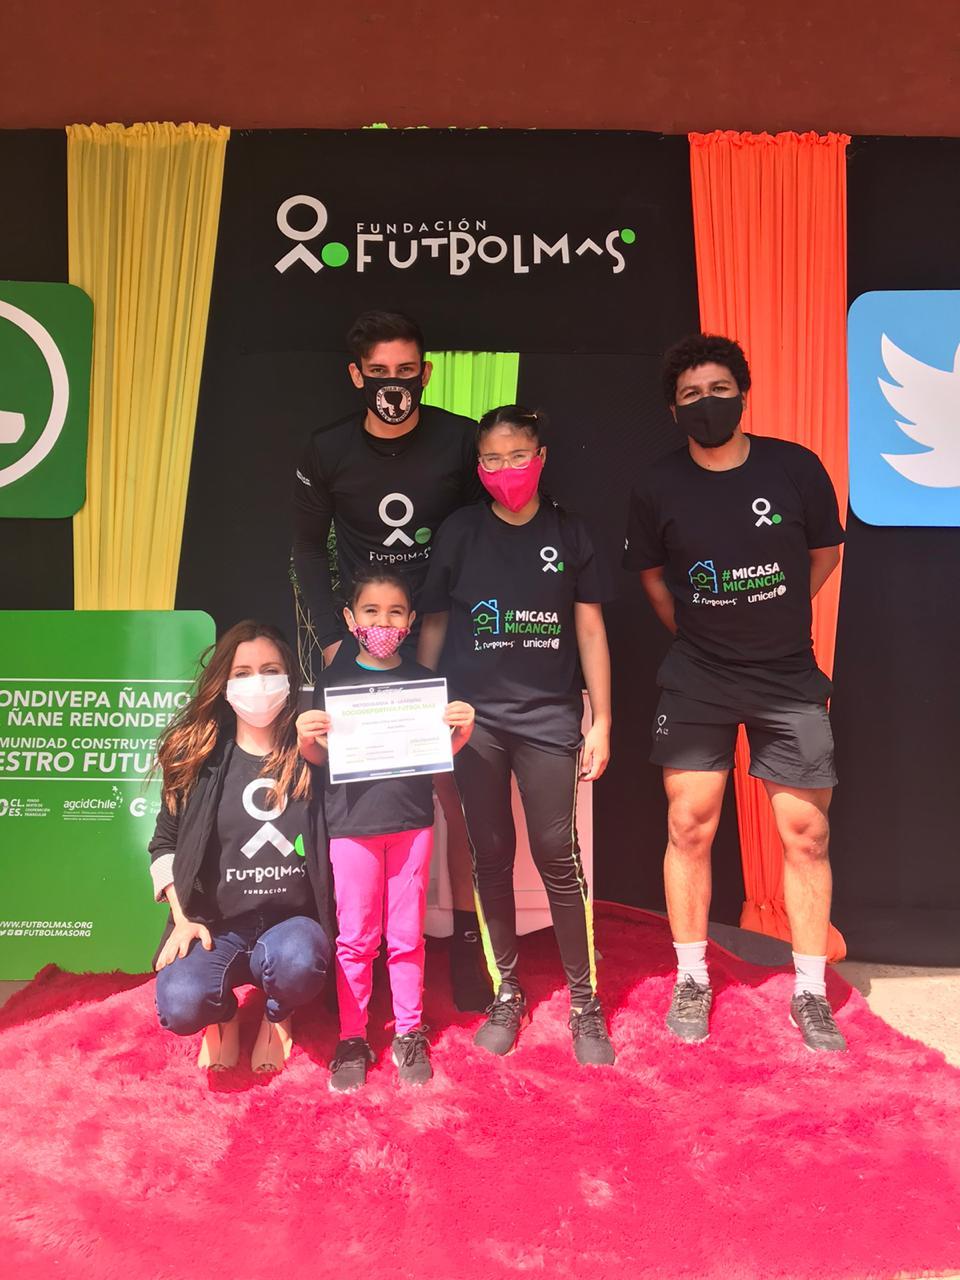 Fundación Fútbol Más Paraguay, espacios protegidos para la infancia y adolescencia.